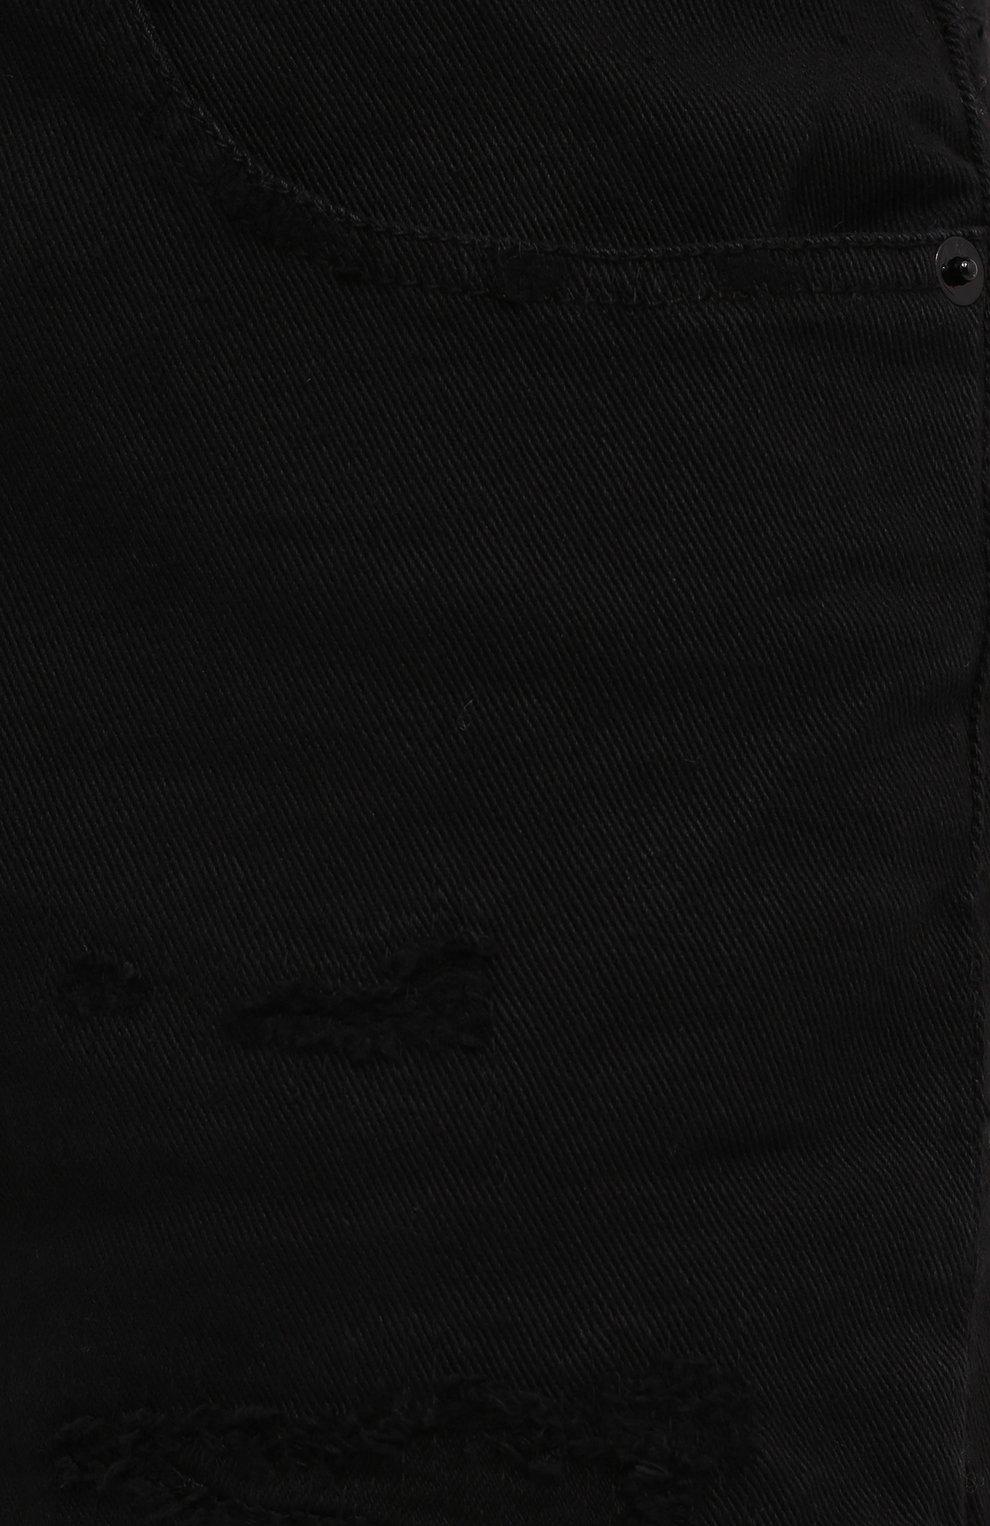 Мужские джинсы PREMIUM MOOD DENIM SUPERIOR черного цвета, арт. F21 352752750/BARRET | Фото 5